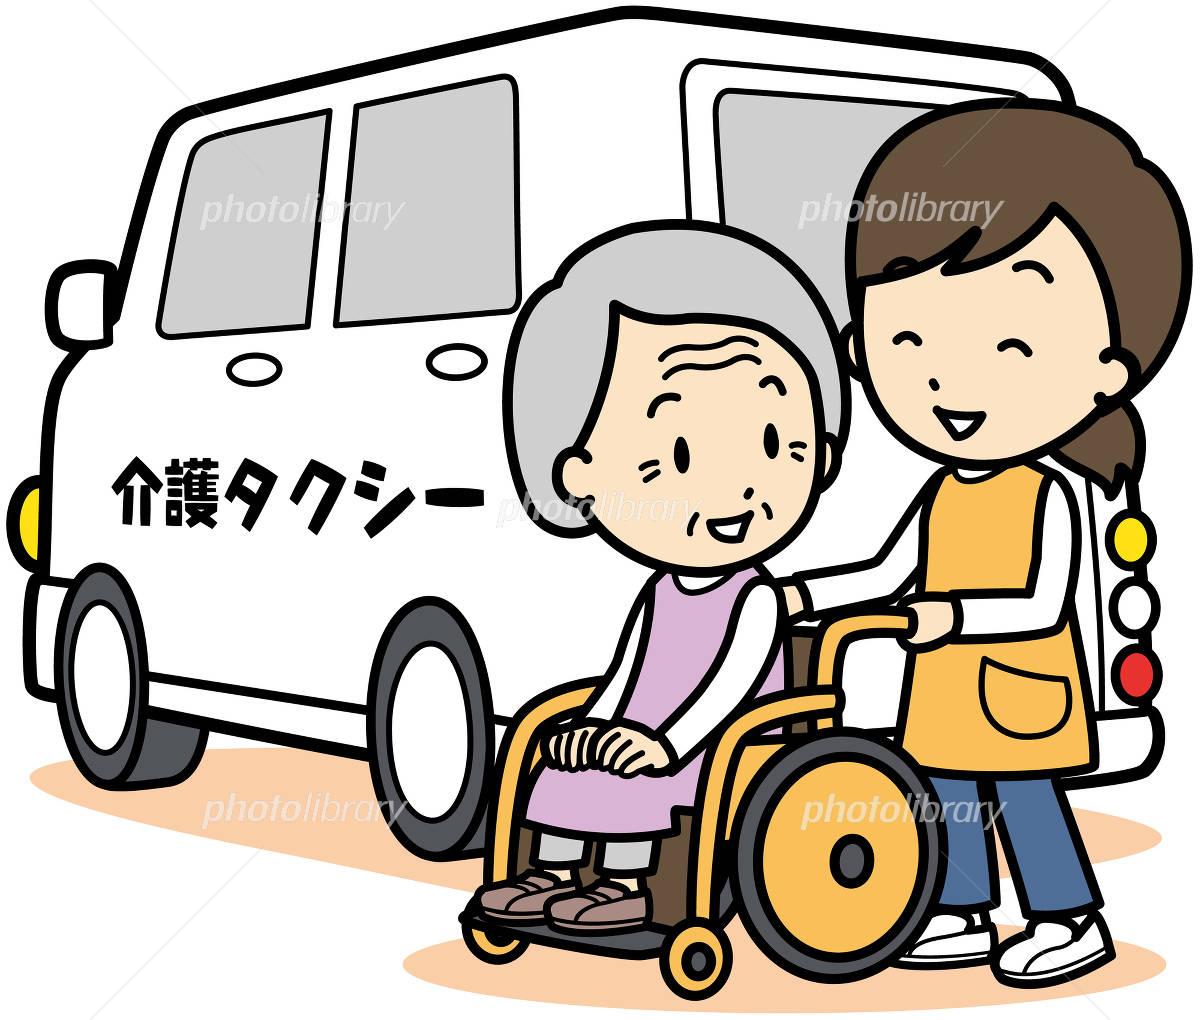 Care taxi イラスト素材